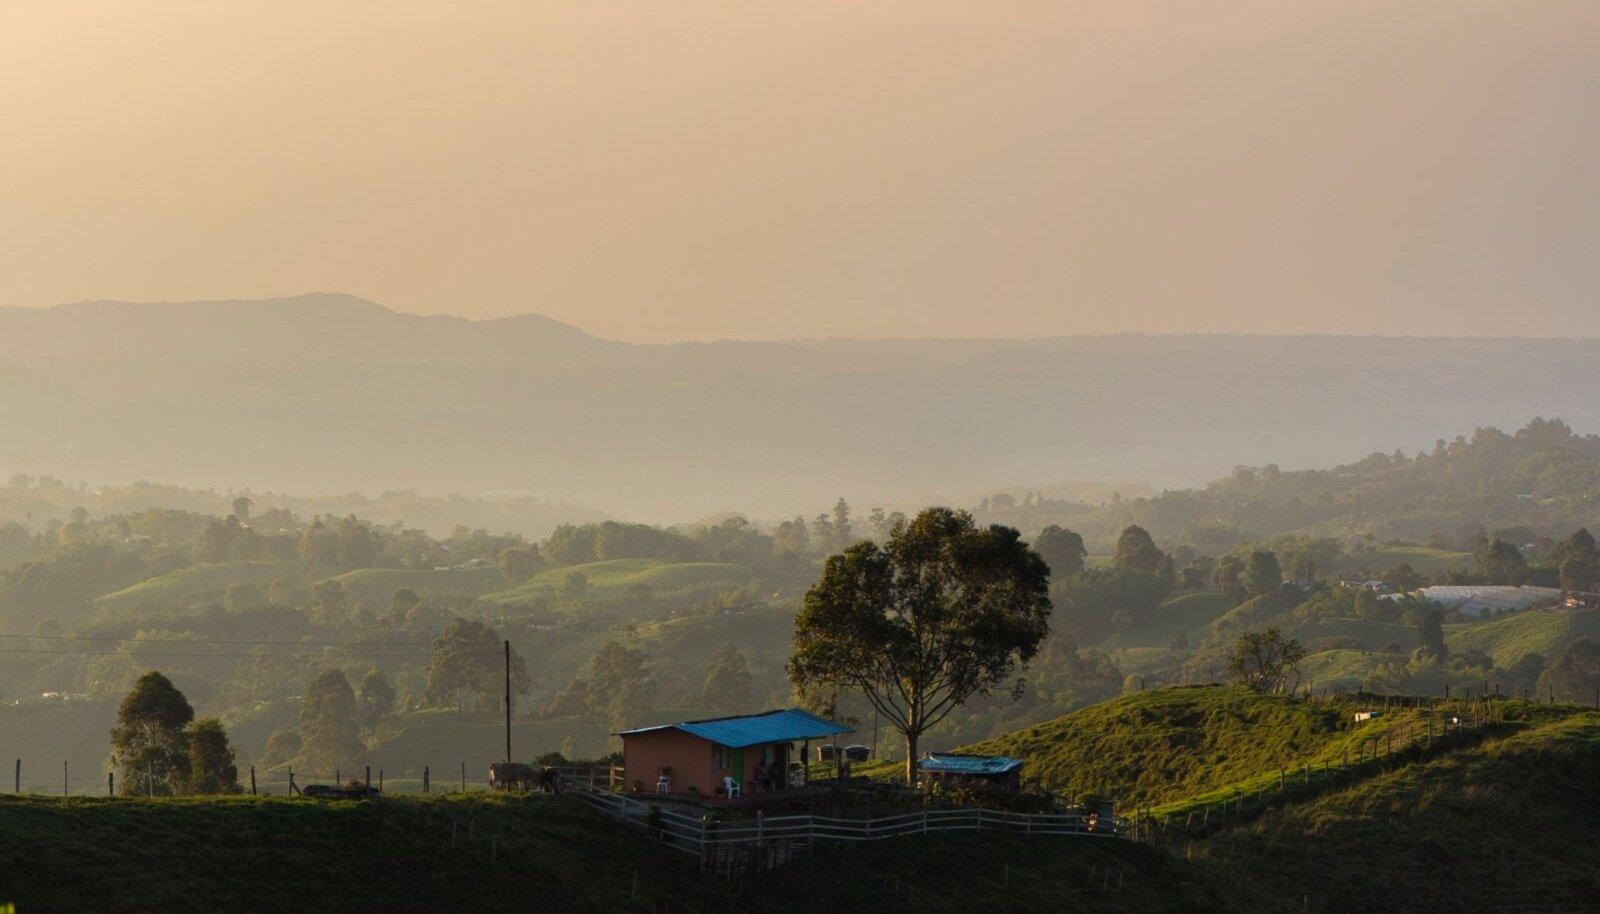 Colombia kuulsaim kohvipiirkond pakub lisaks heale kohvile maalilisi vaateid ja matkaradu ning aasta ringi umbes 24 soojakraadi juures püsivat õhutemperatuuri.